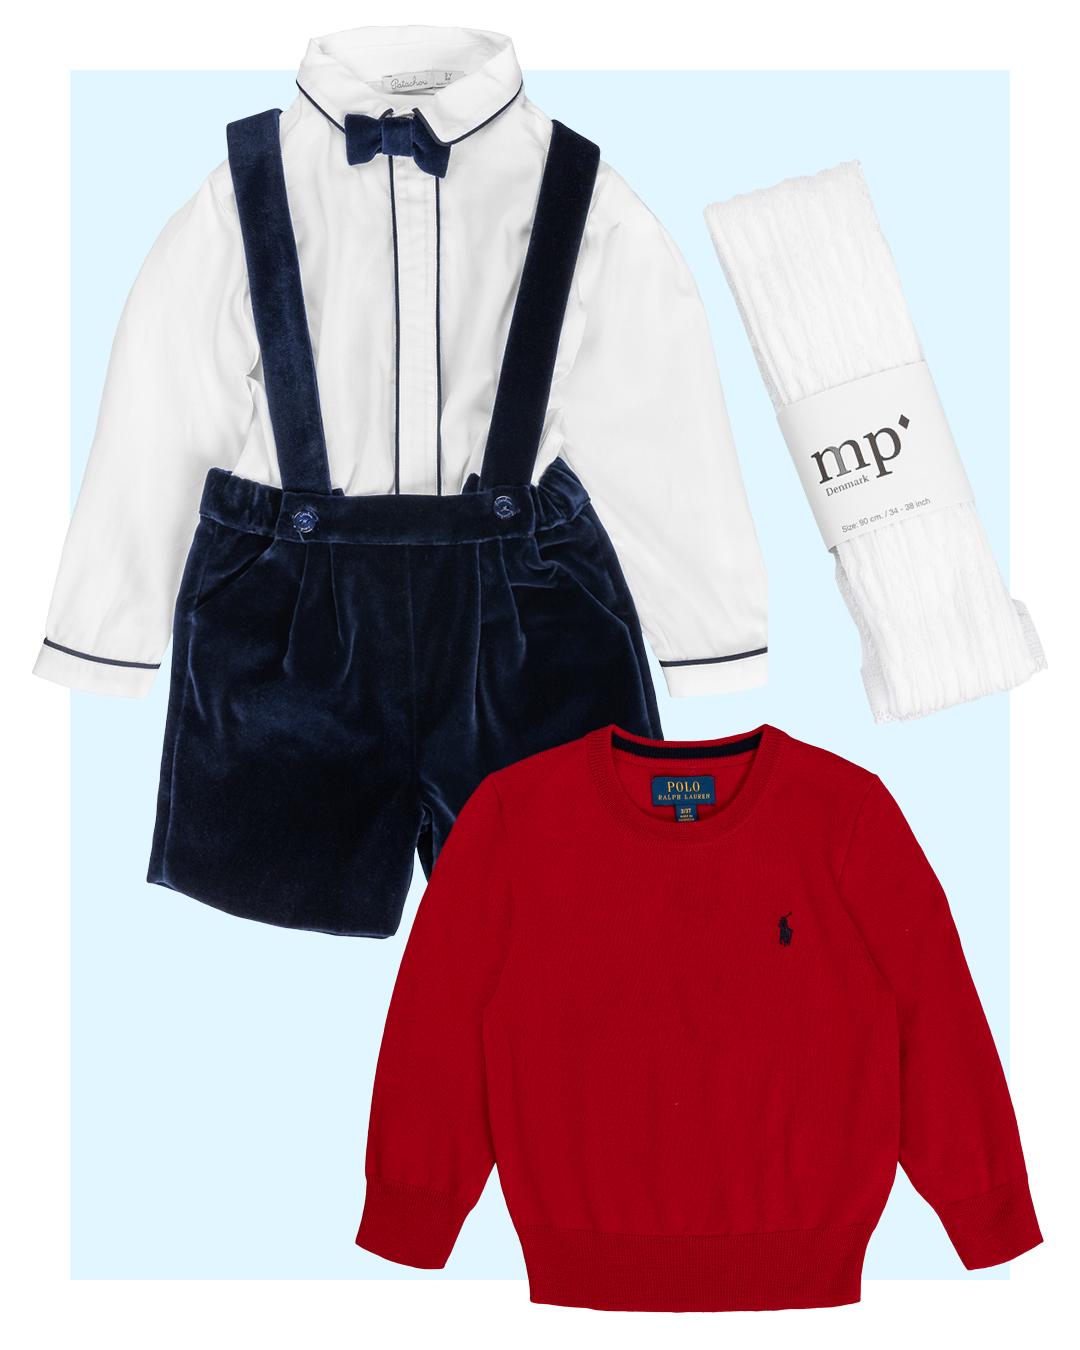 Barn outfits sammensatt10